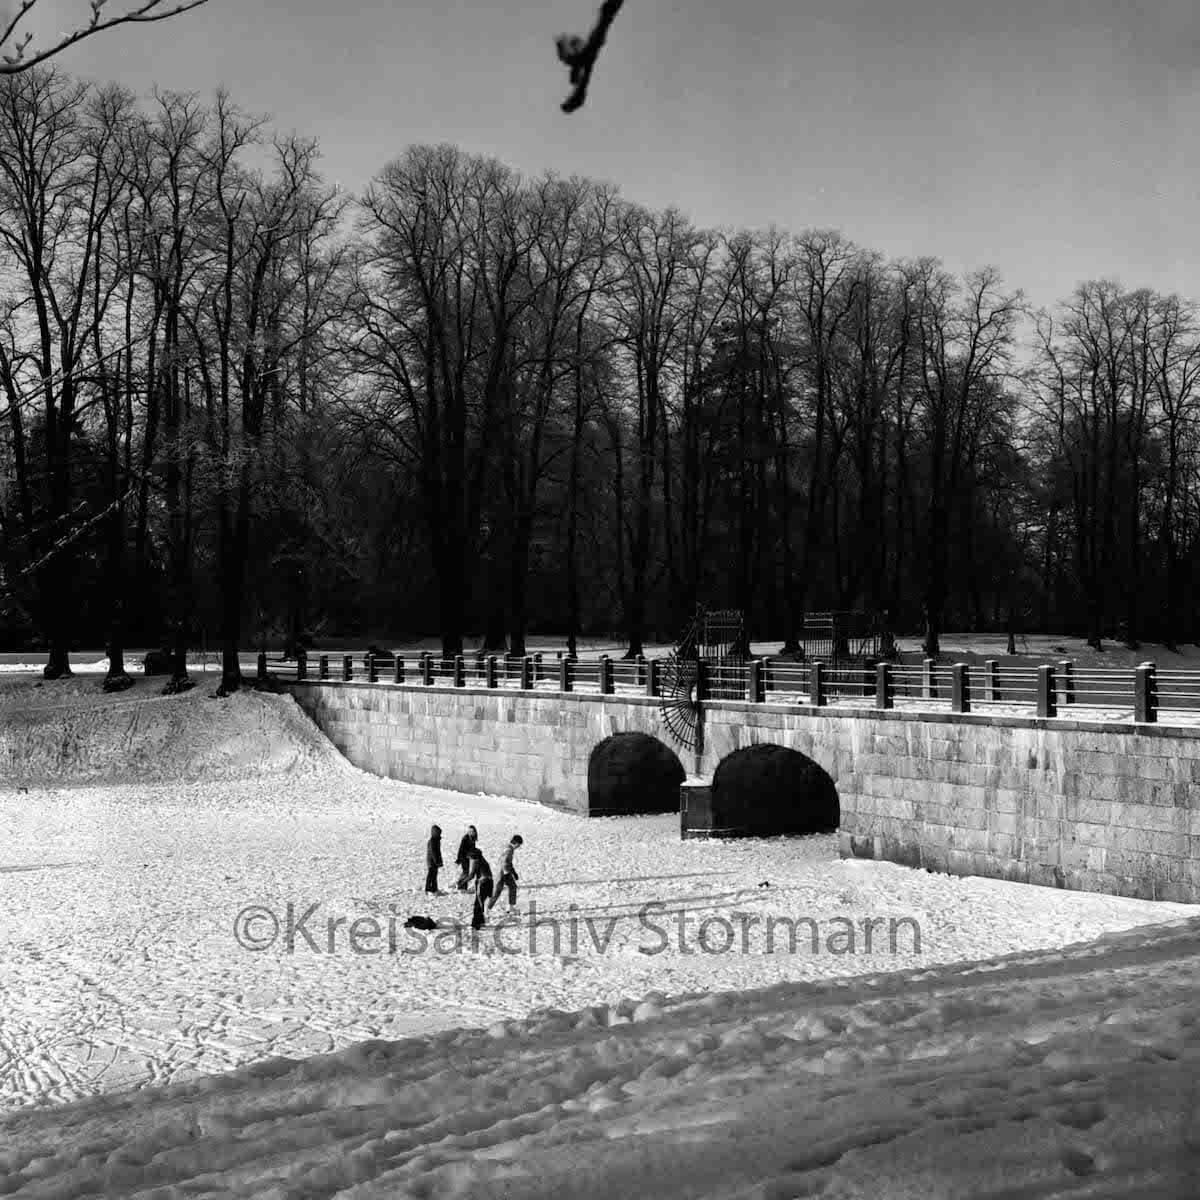 Kinder auf dem Schlossteich im Winter 1979 – Foto: Raimund Marfels / Kreisarchiv Stormarn